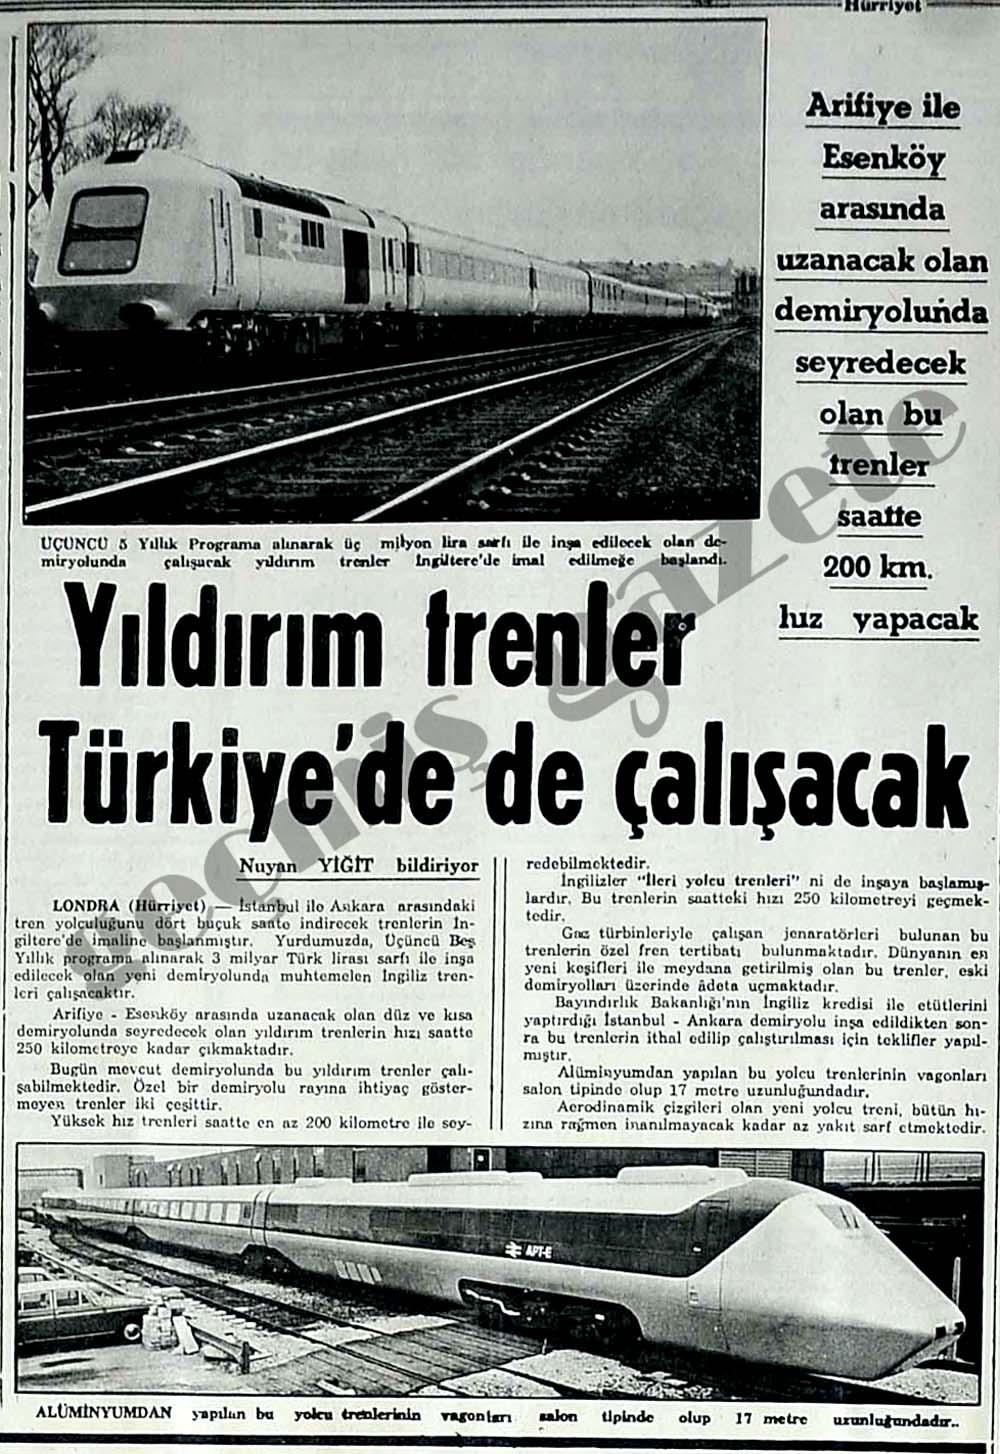 Yıldırım trenler Türkiye'de de çalışacak